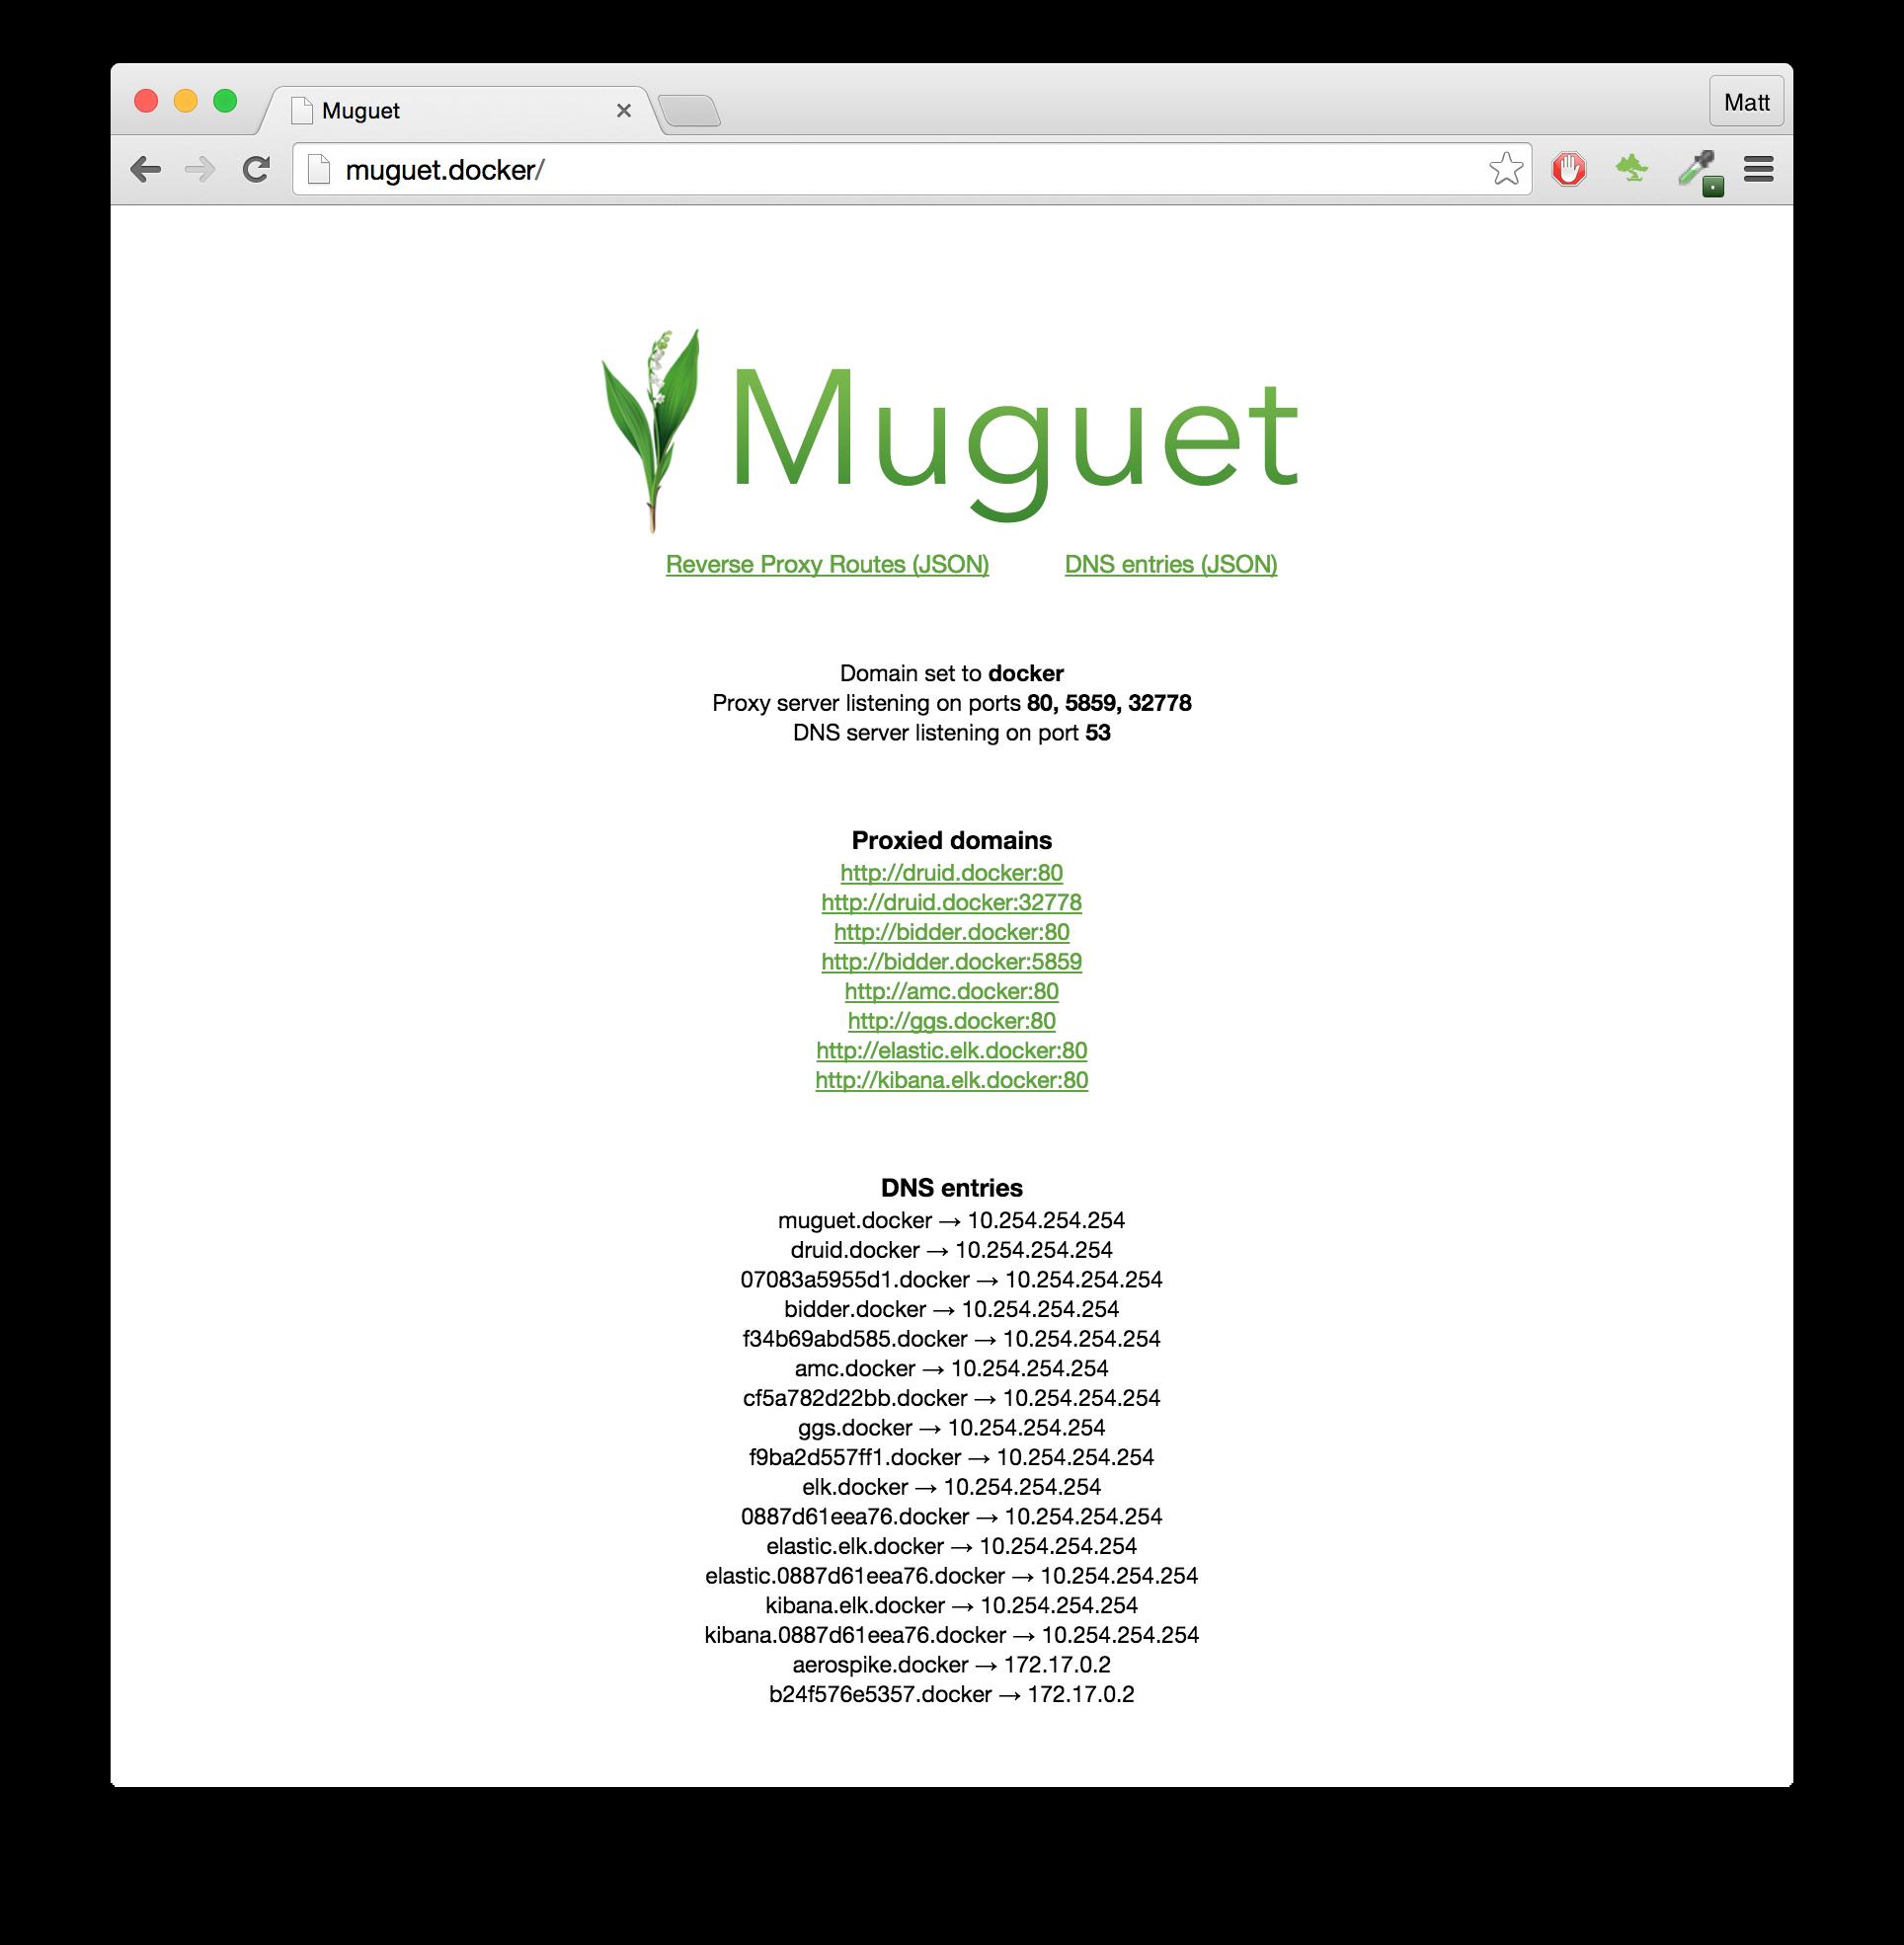 Muguet Dashboard